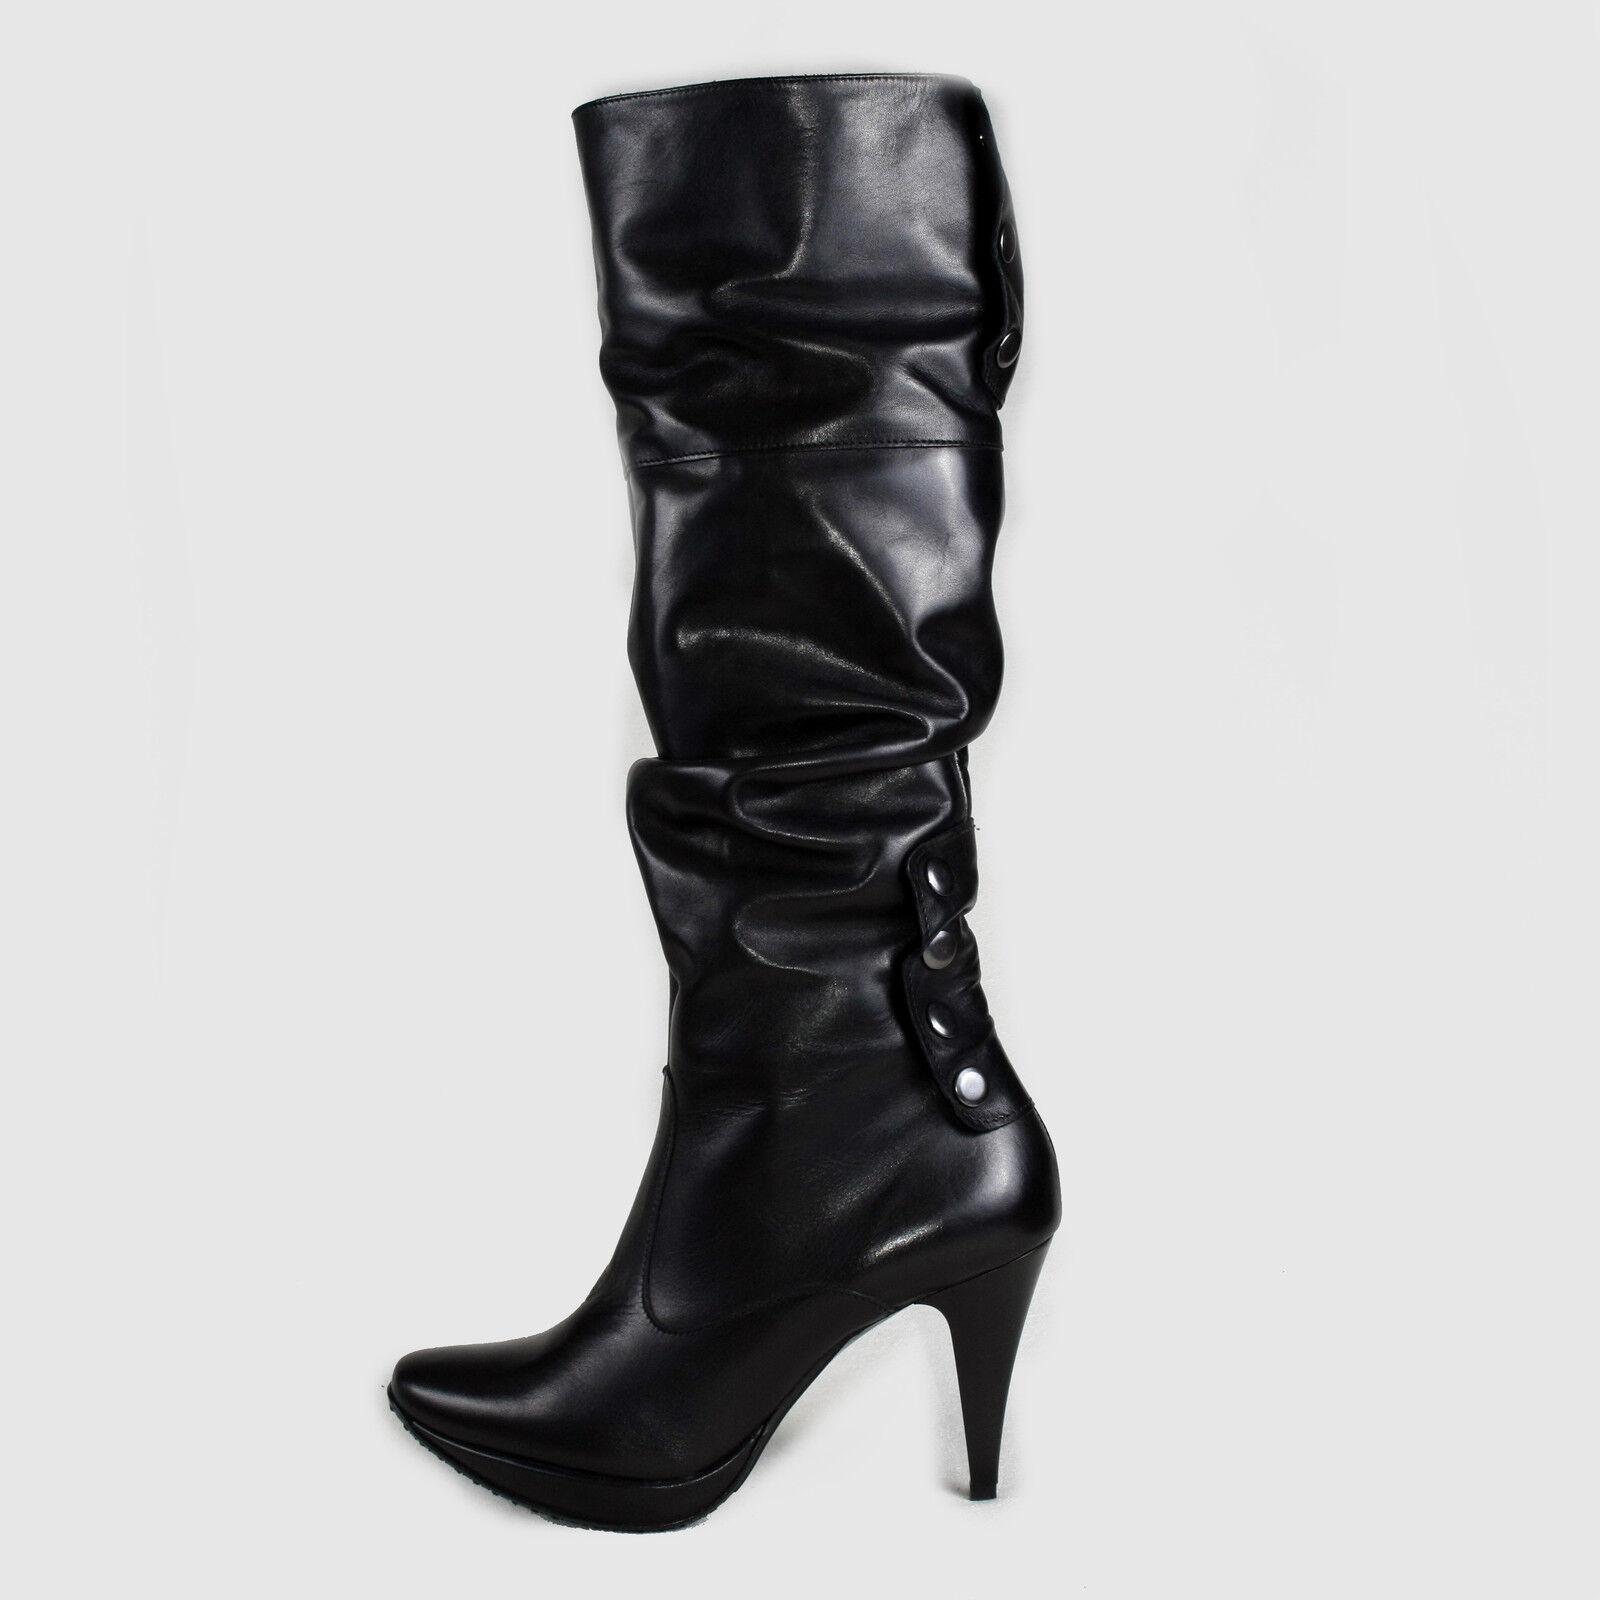 DAMEN STIEFEL STIEFELETTEN BUSINESS Stiefel SCHWARZ LEDER NEU 40 Schuhe